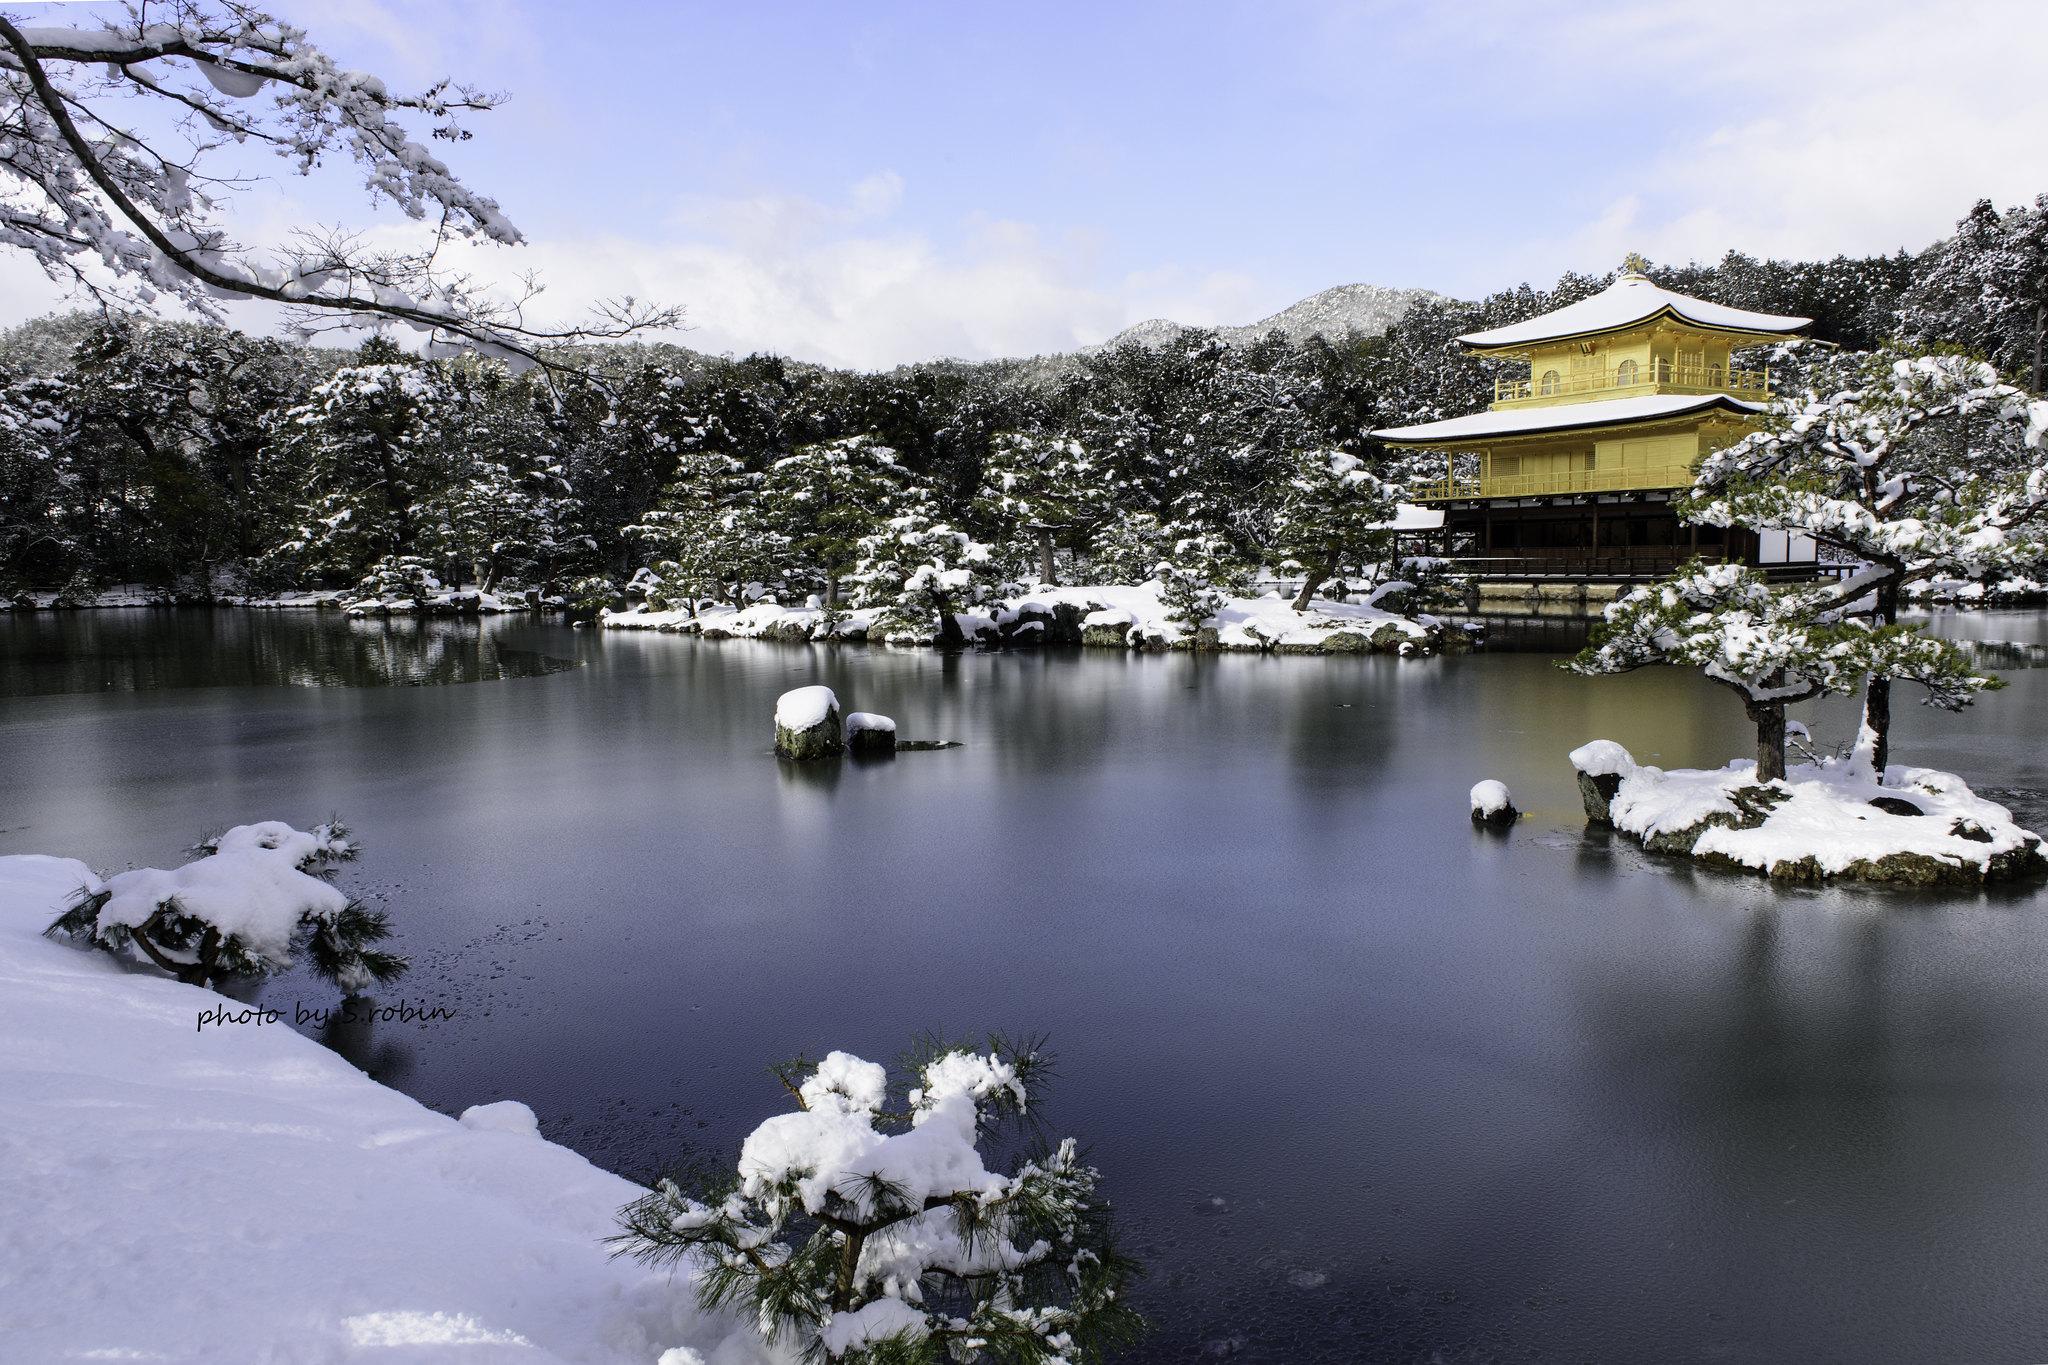 Kinkakuji in snow